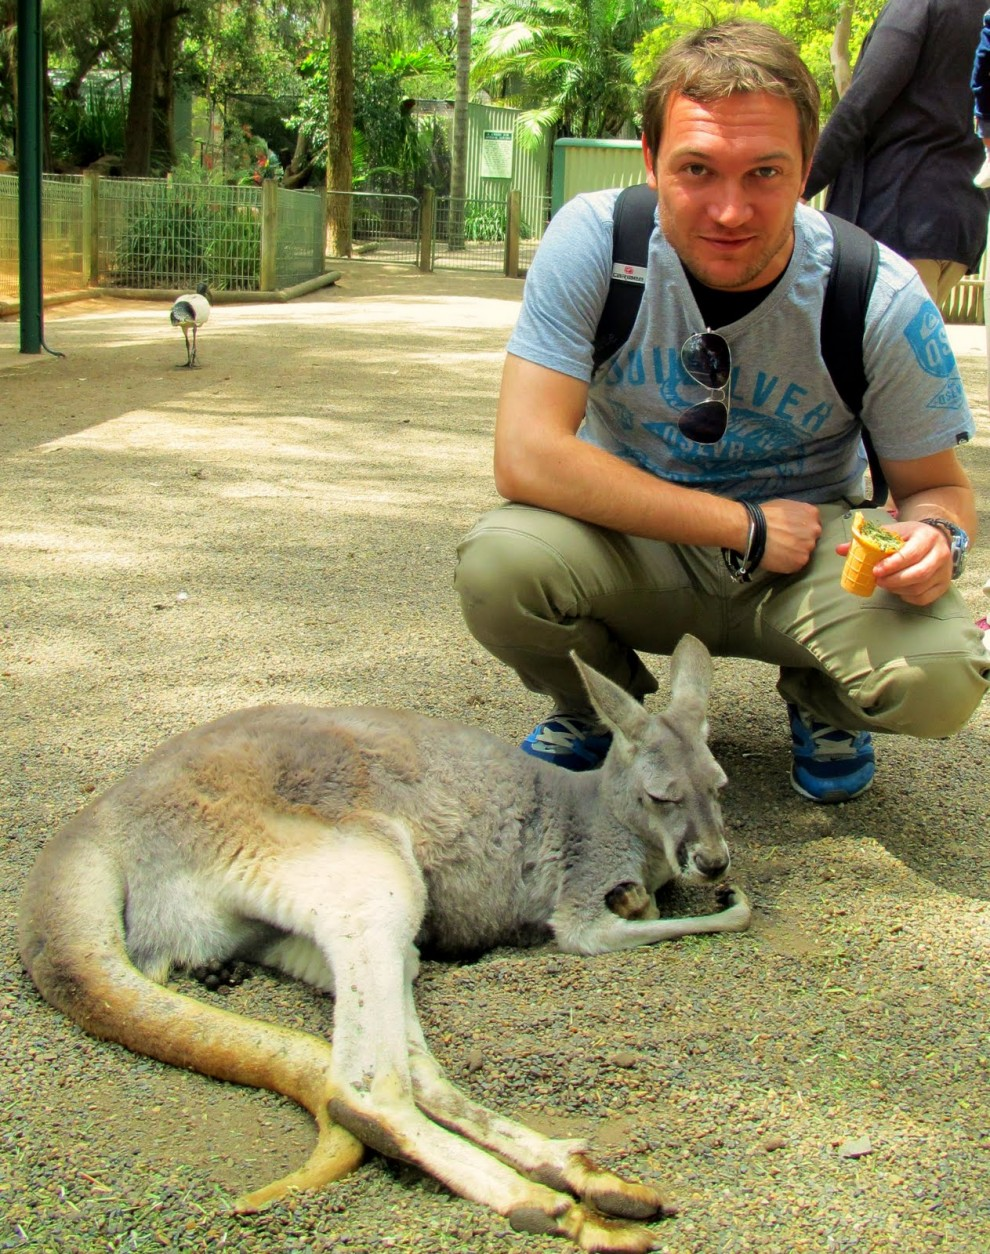 """""""La mia vita in Australia in attesa del visto permanente. Consigli per chi arriva? Attenzione alla burocrazia"""""""